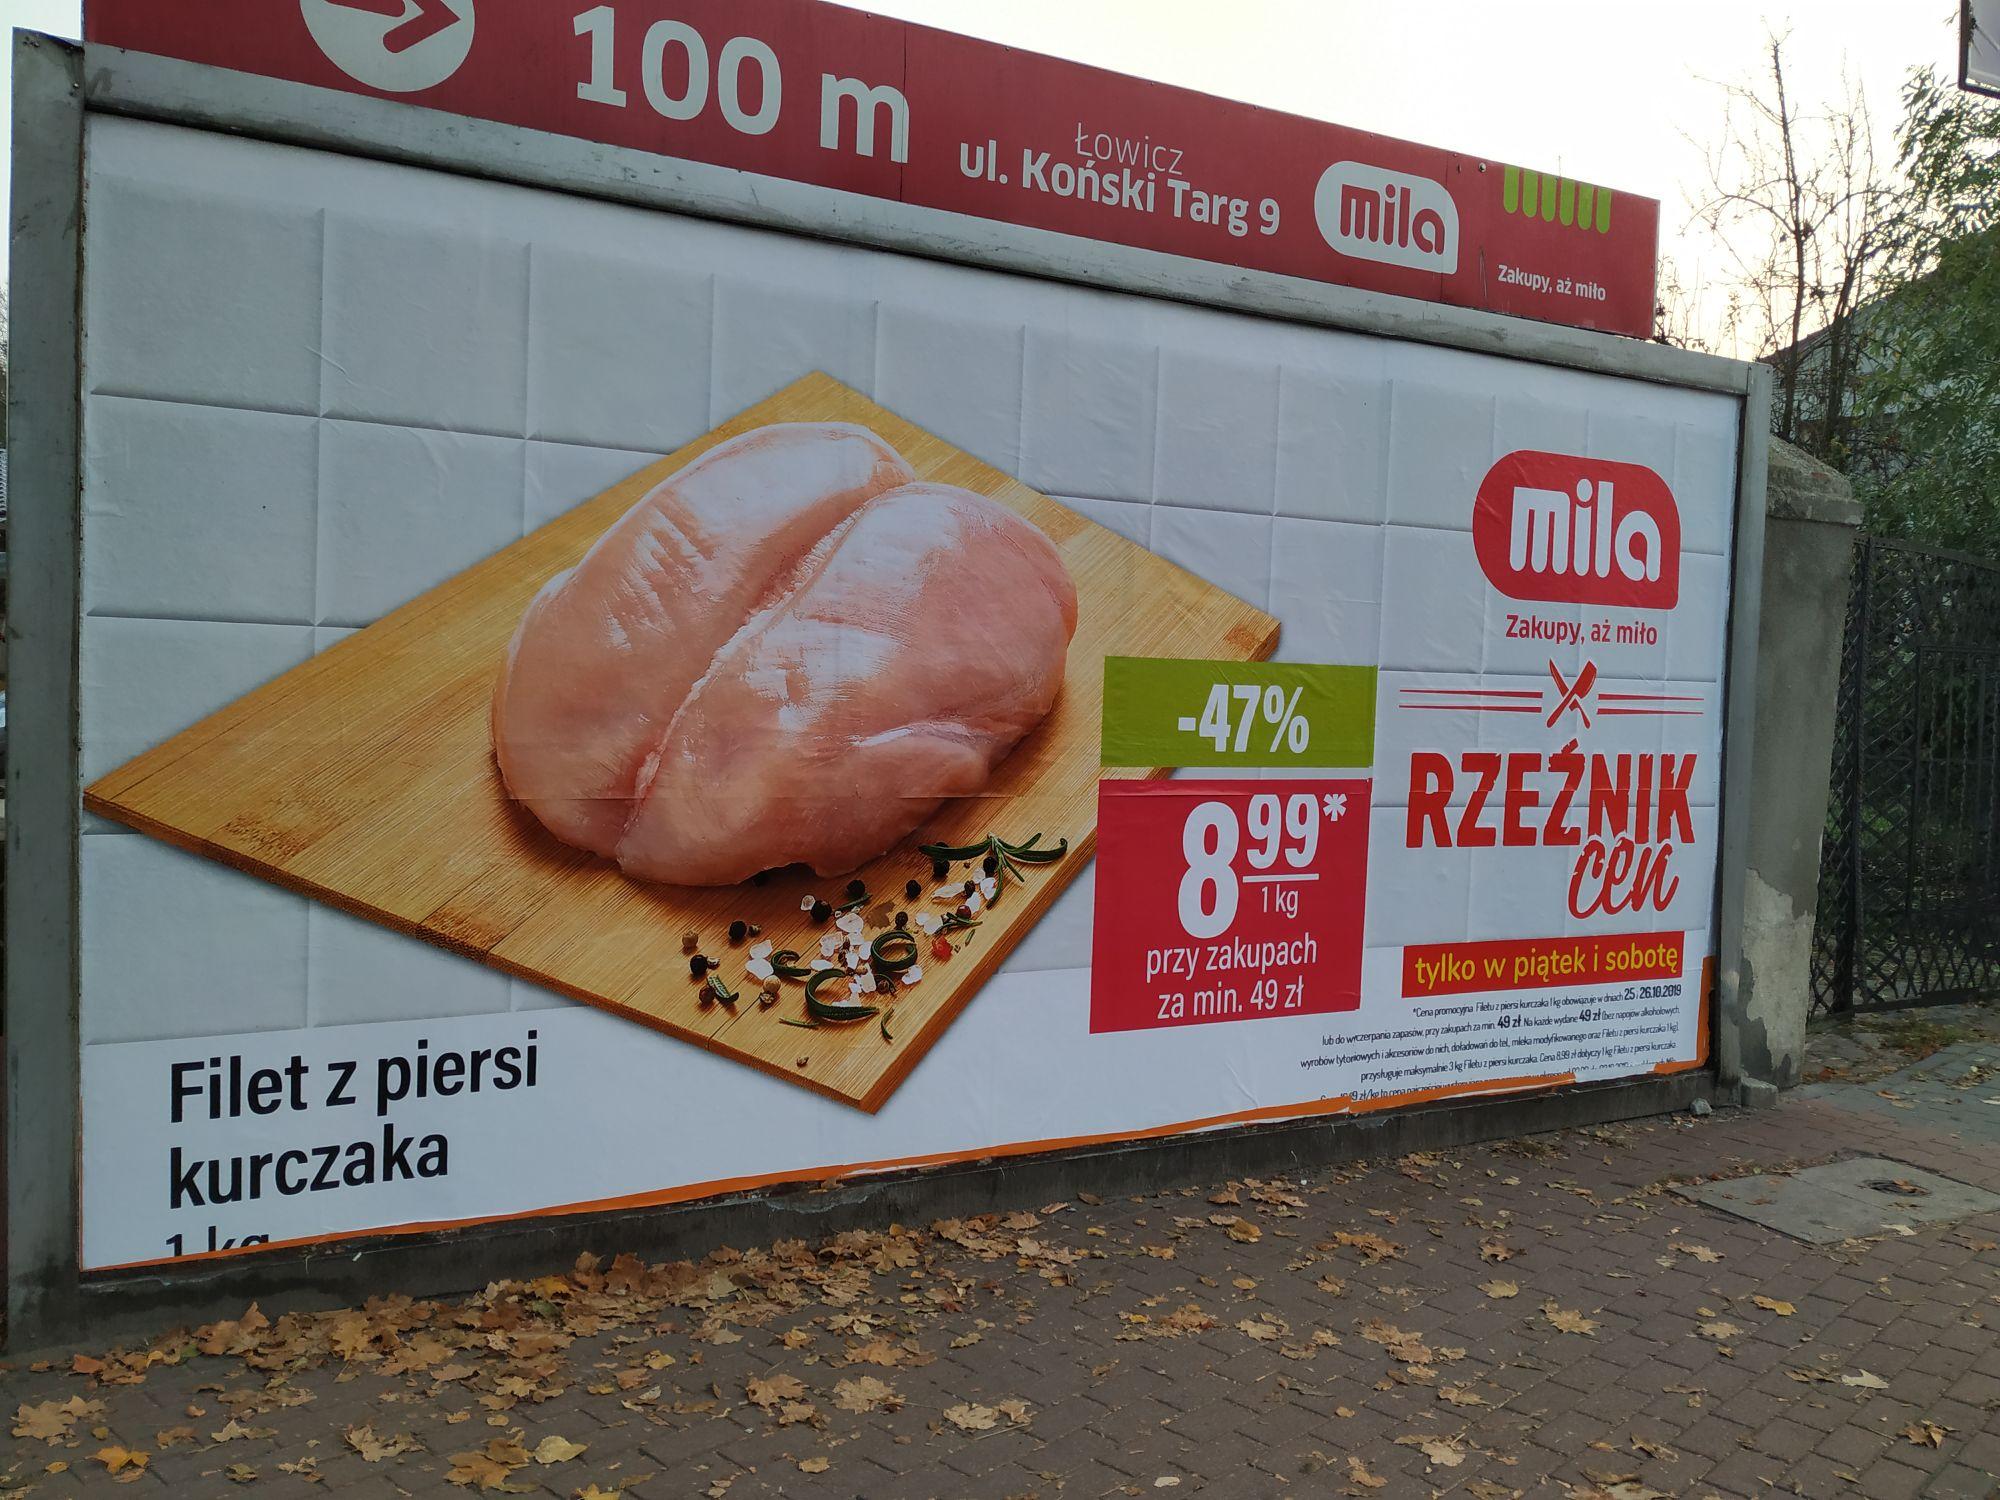 Filet z piersi kurczaka - Mila